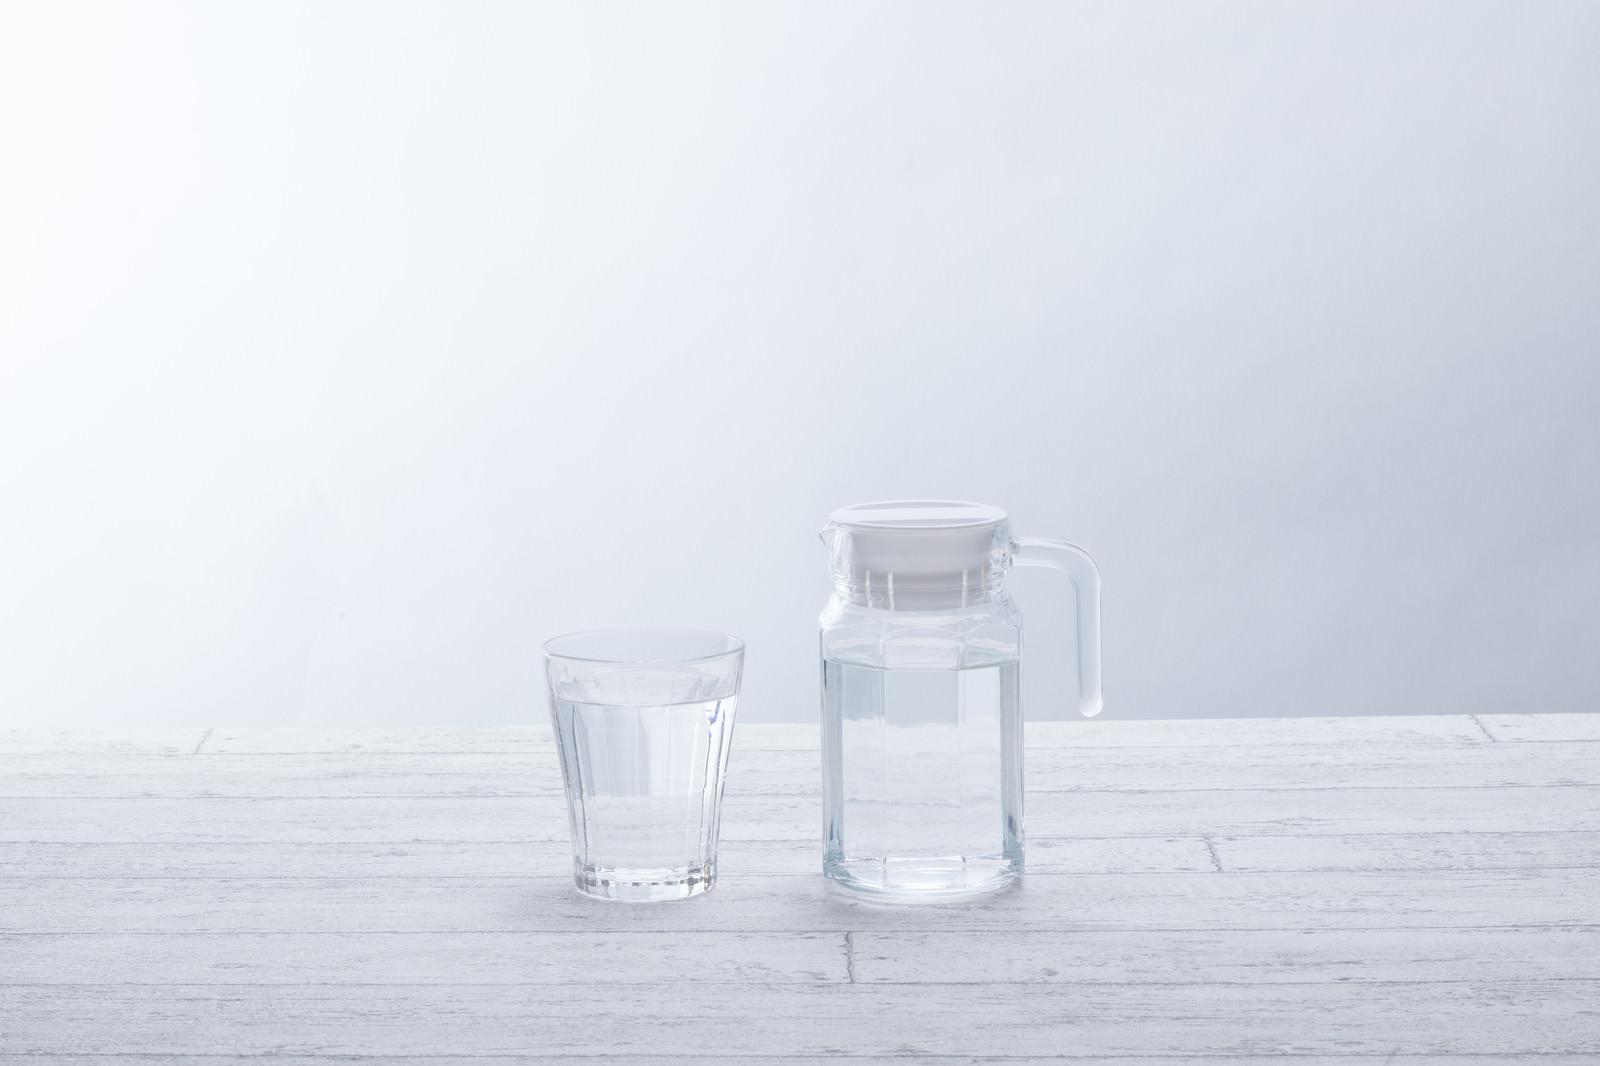 「水が入ったグラスとポット」の写真